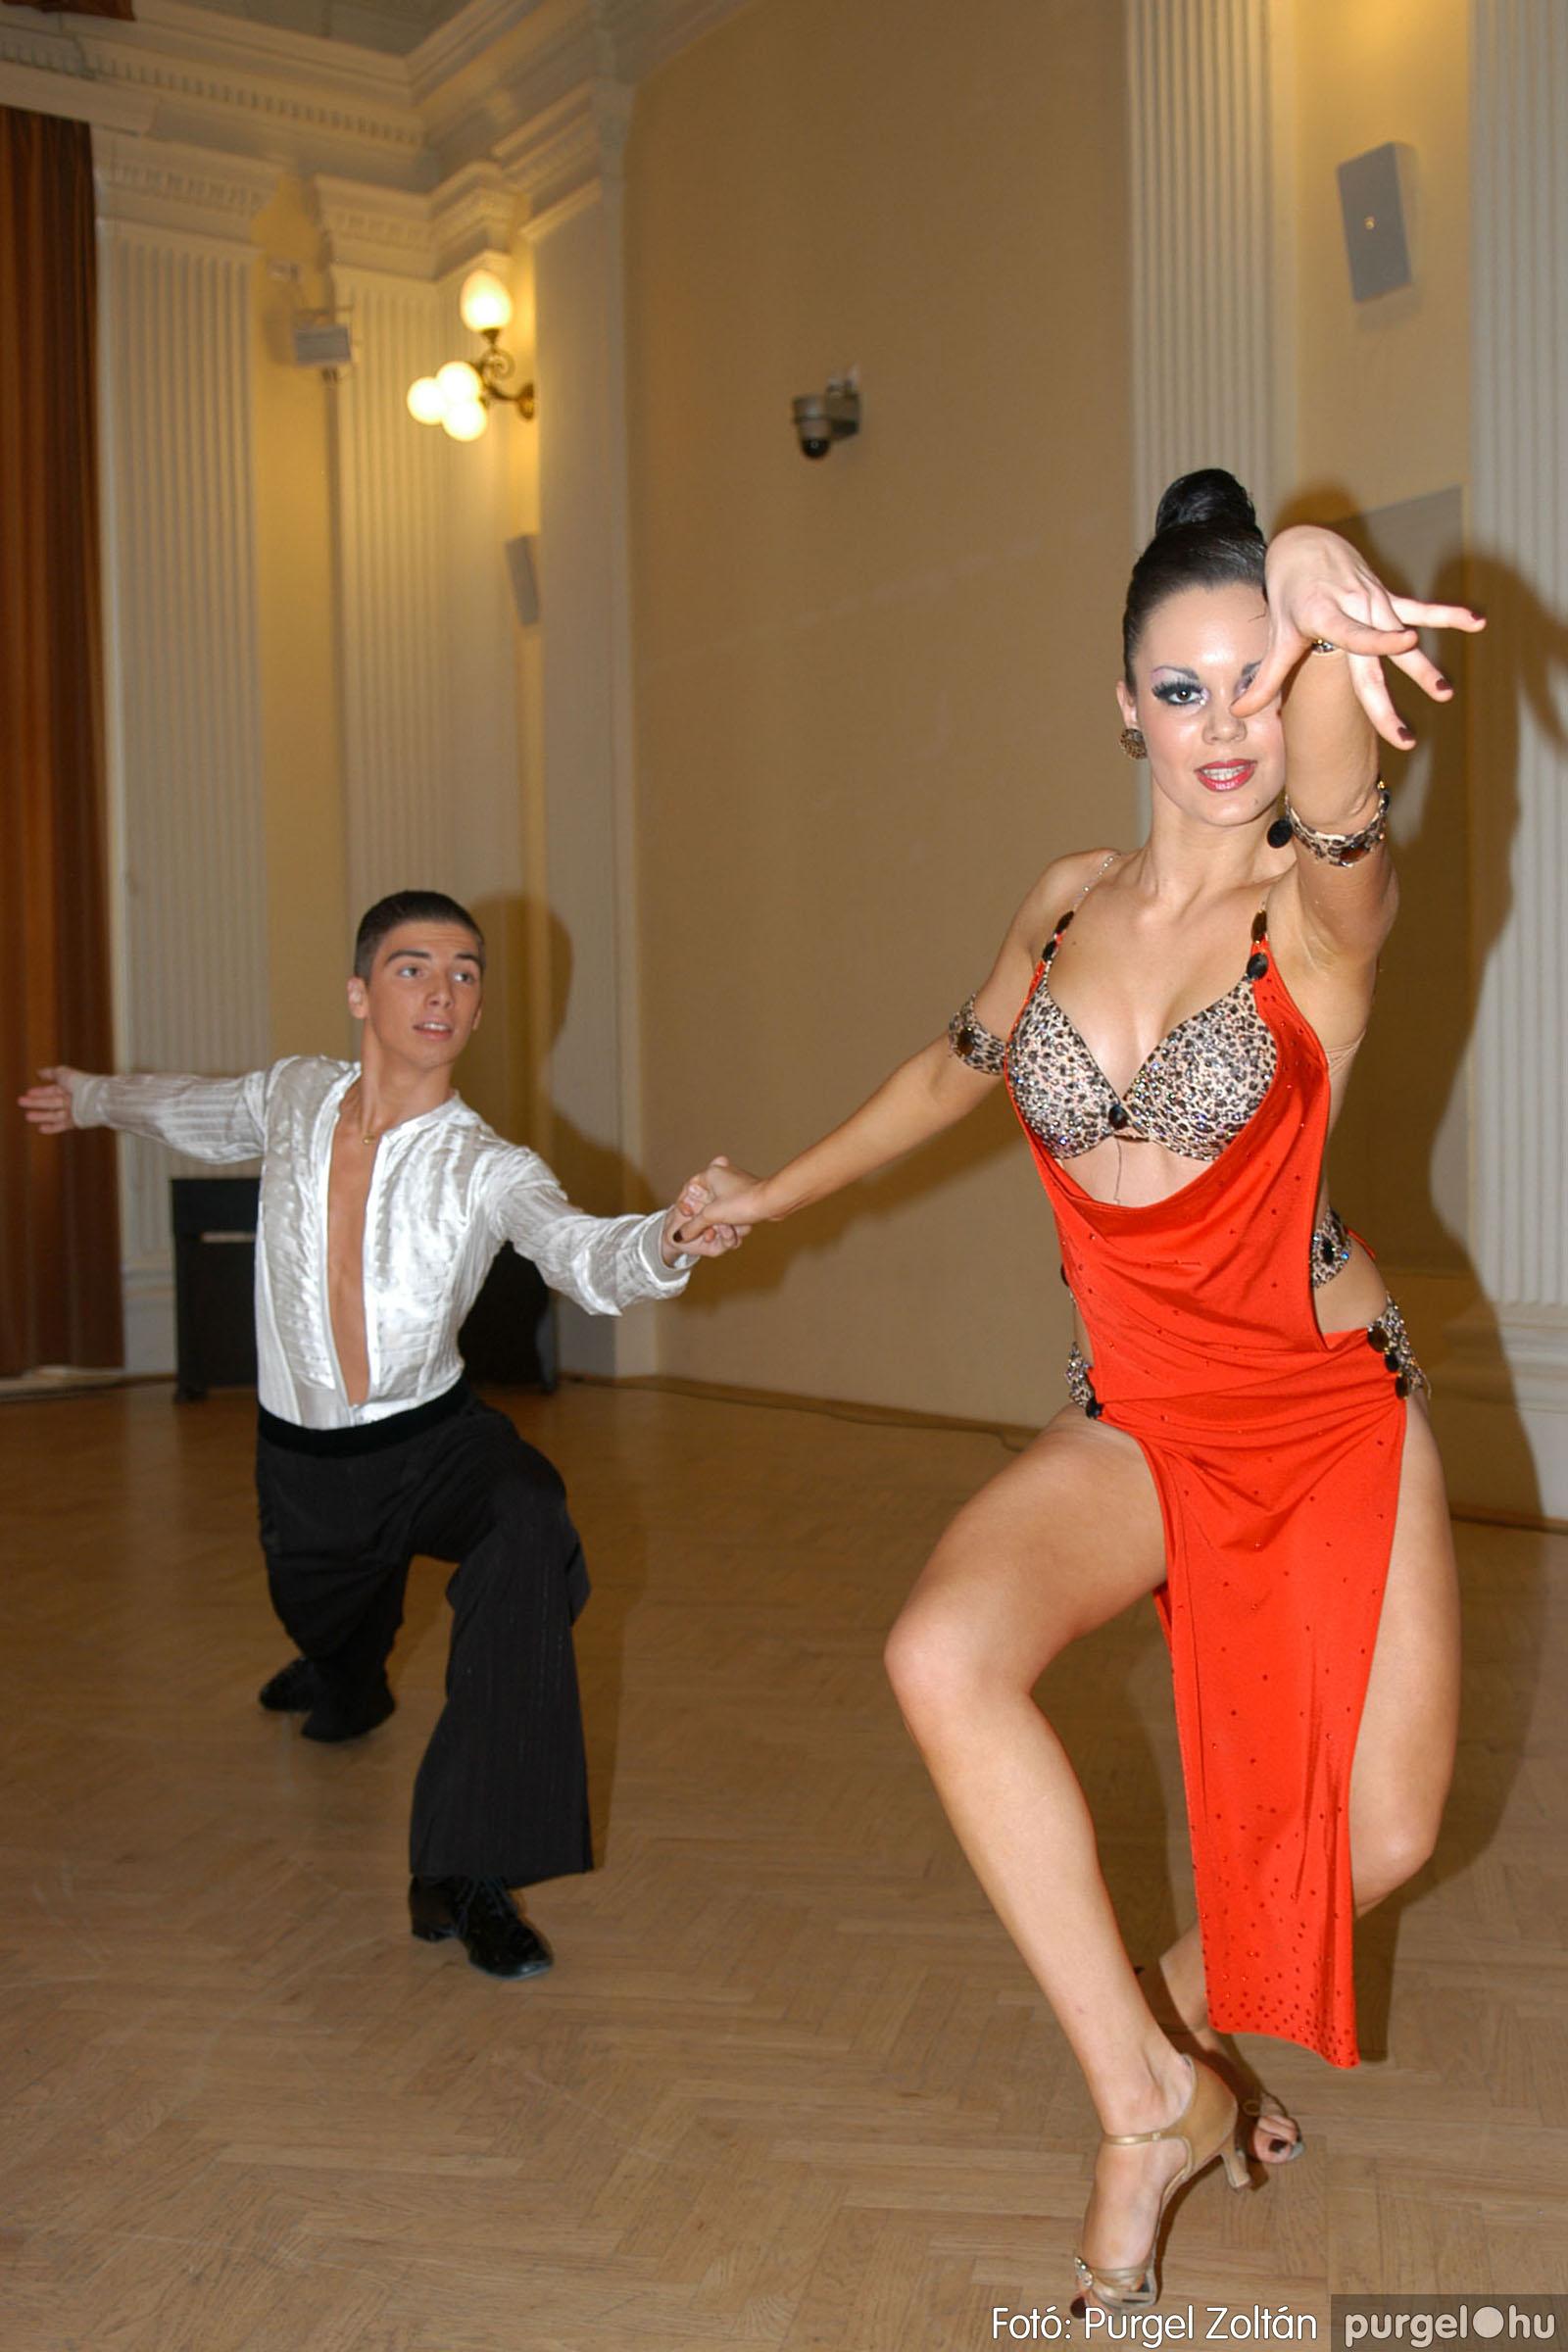 2010.10.28. 150 Szegvár és Vidéke Takarékszövetkezet takarékossági világnap rendezvény - Fotó:P. Z..jpg